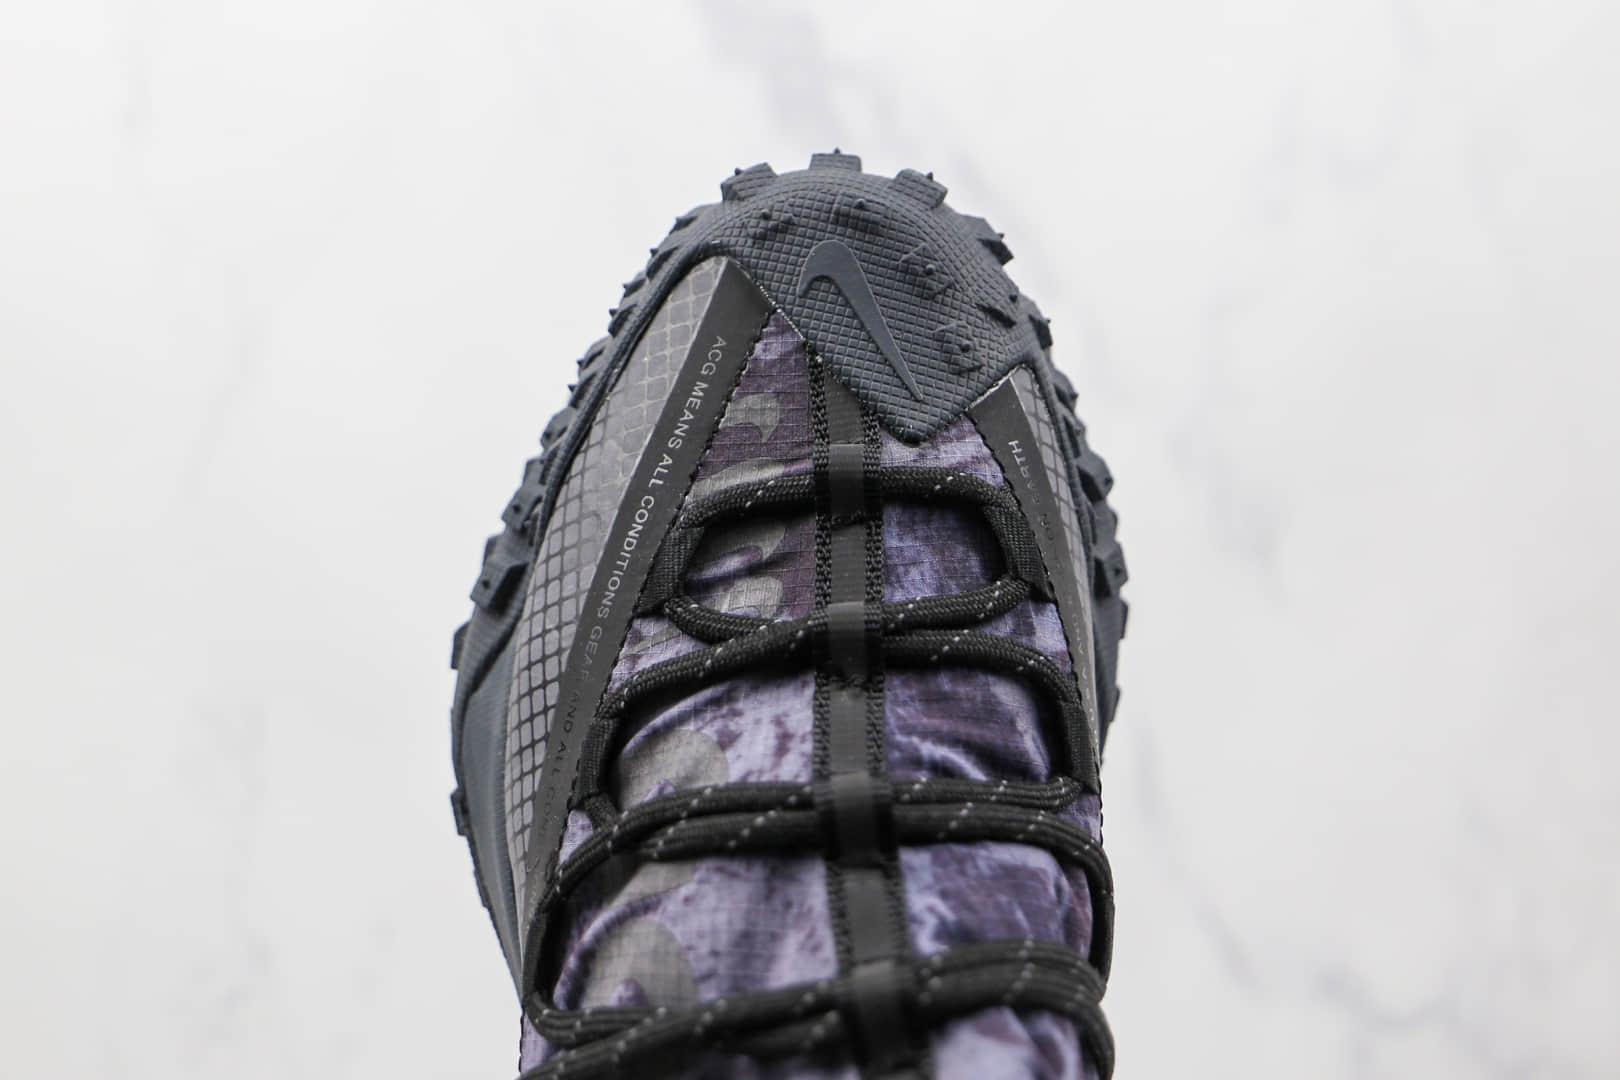 耐克Nike ACG Mountain Fly Low Fossil Stone纯原版本网状黑紫色ACG户外登山鞋原档案数据开发 货号:DC9660-001